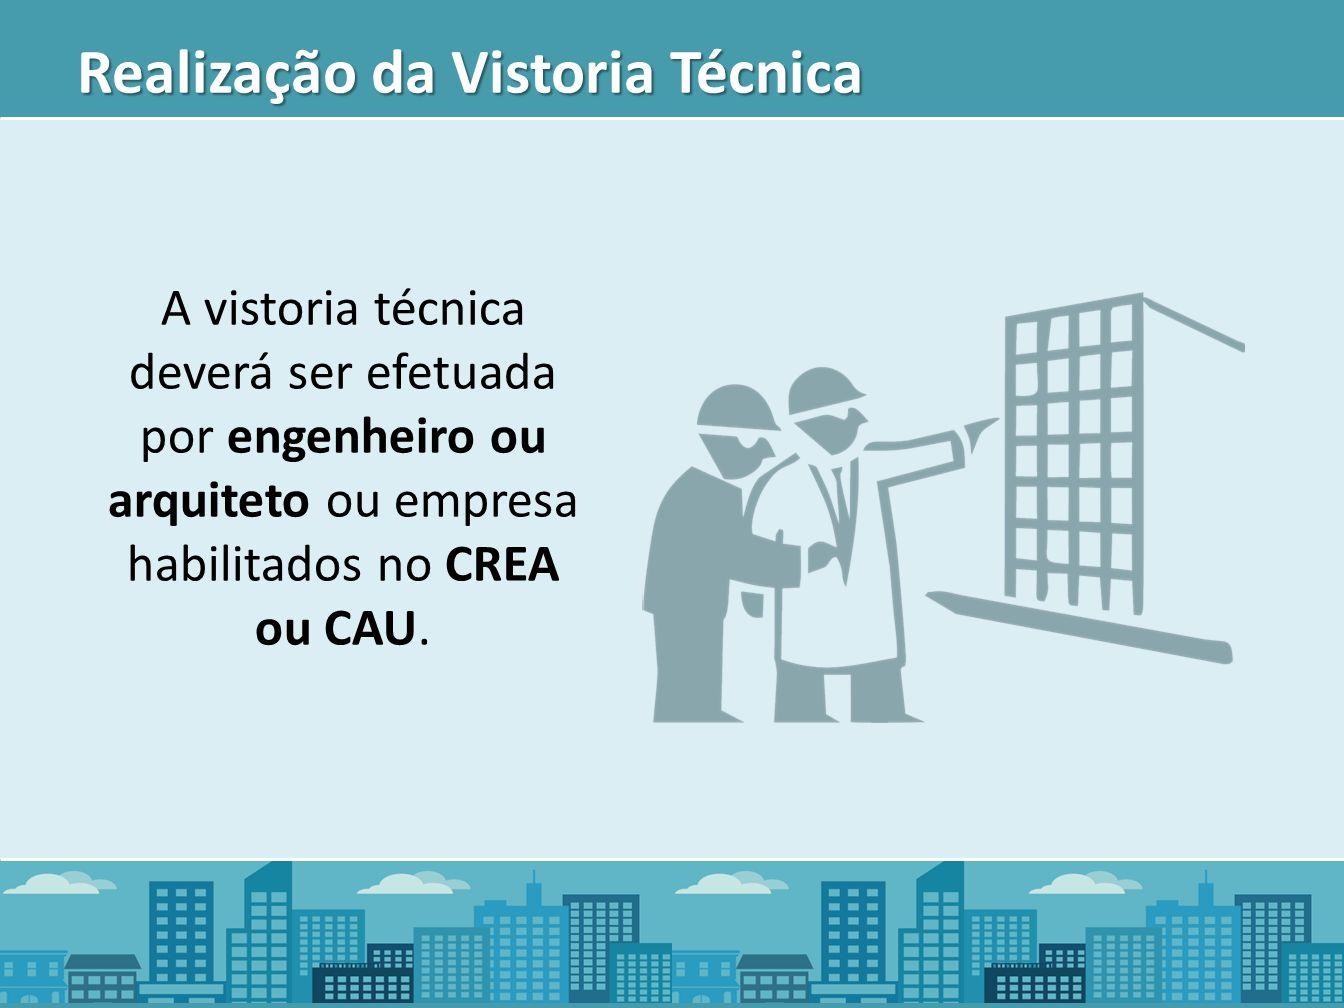 Realização da Vistoria Técnica A vistoria técnica deverá ser efetuada por engenheiro ou arquiteto ou empresa habilitados no CREA ou CAU.